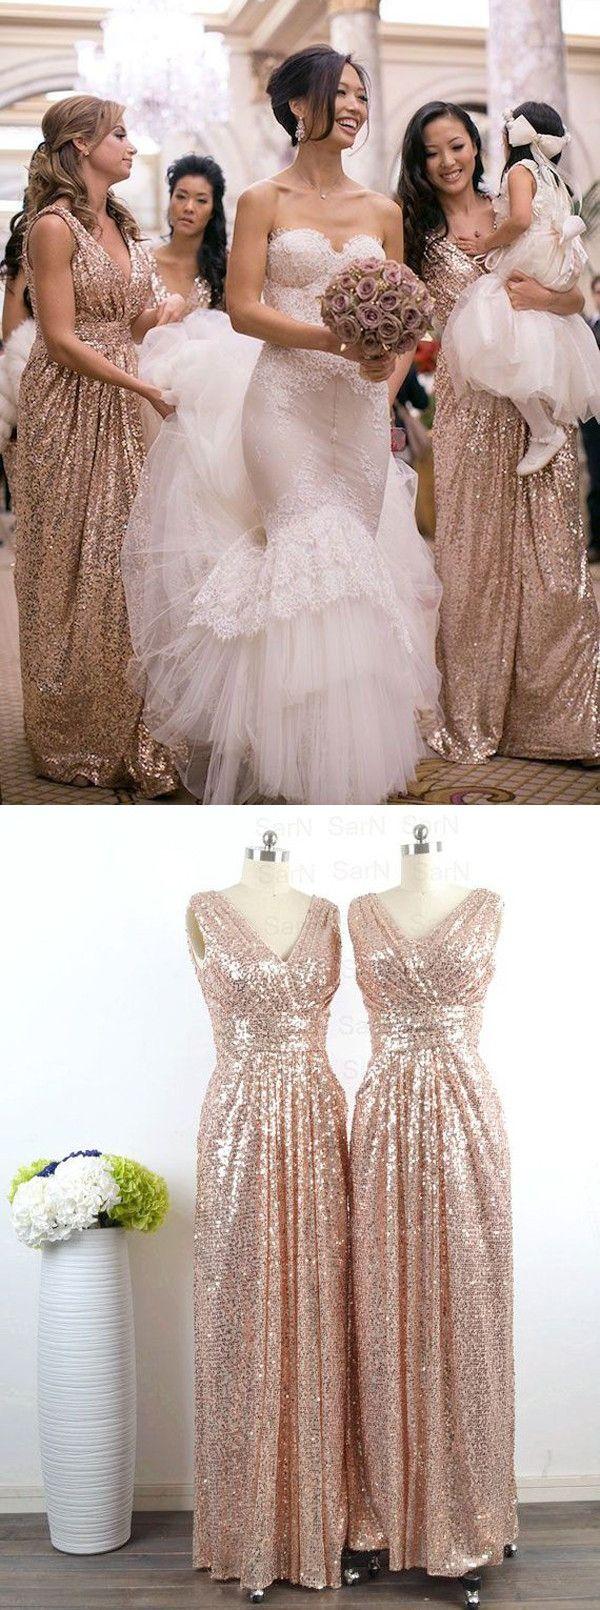 blue gold gold dress for wedding Glamorous V neck Floor Length Sleeveless Sequins Rose Gold Bridesmaid Dress